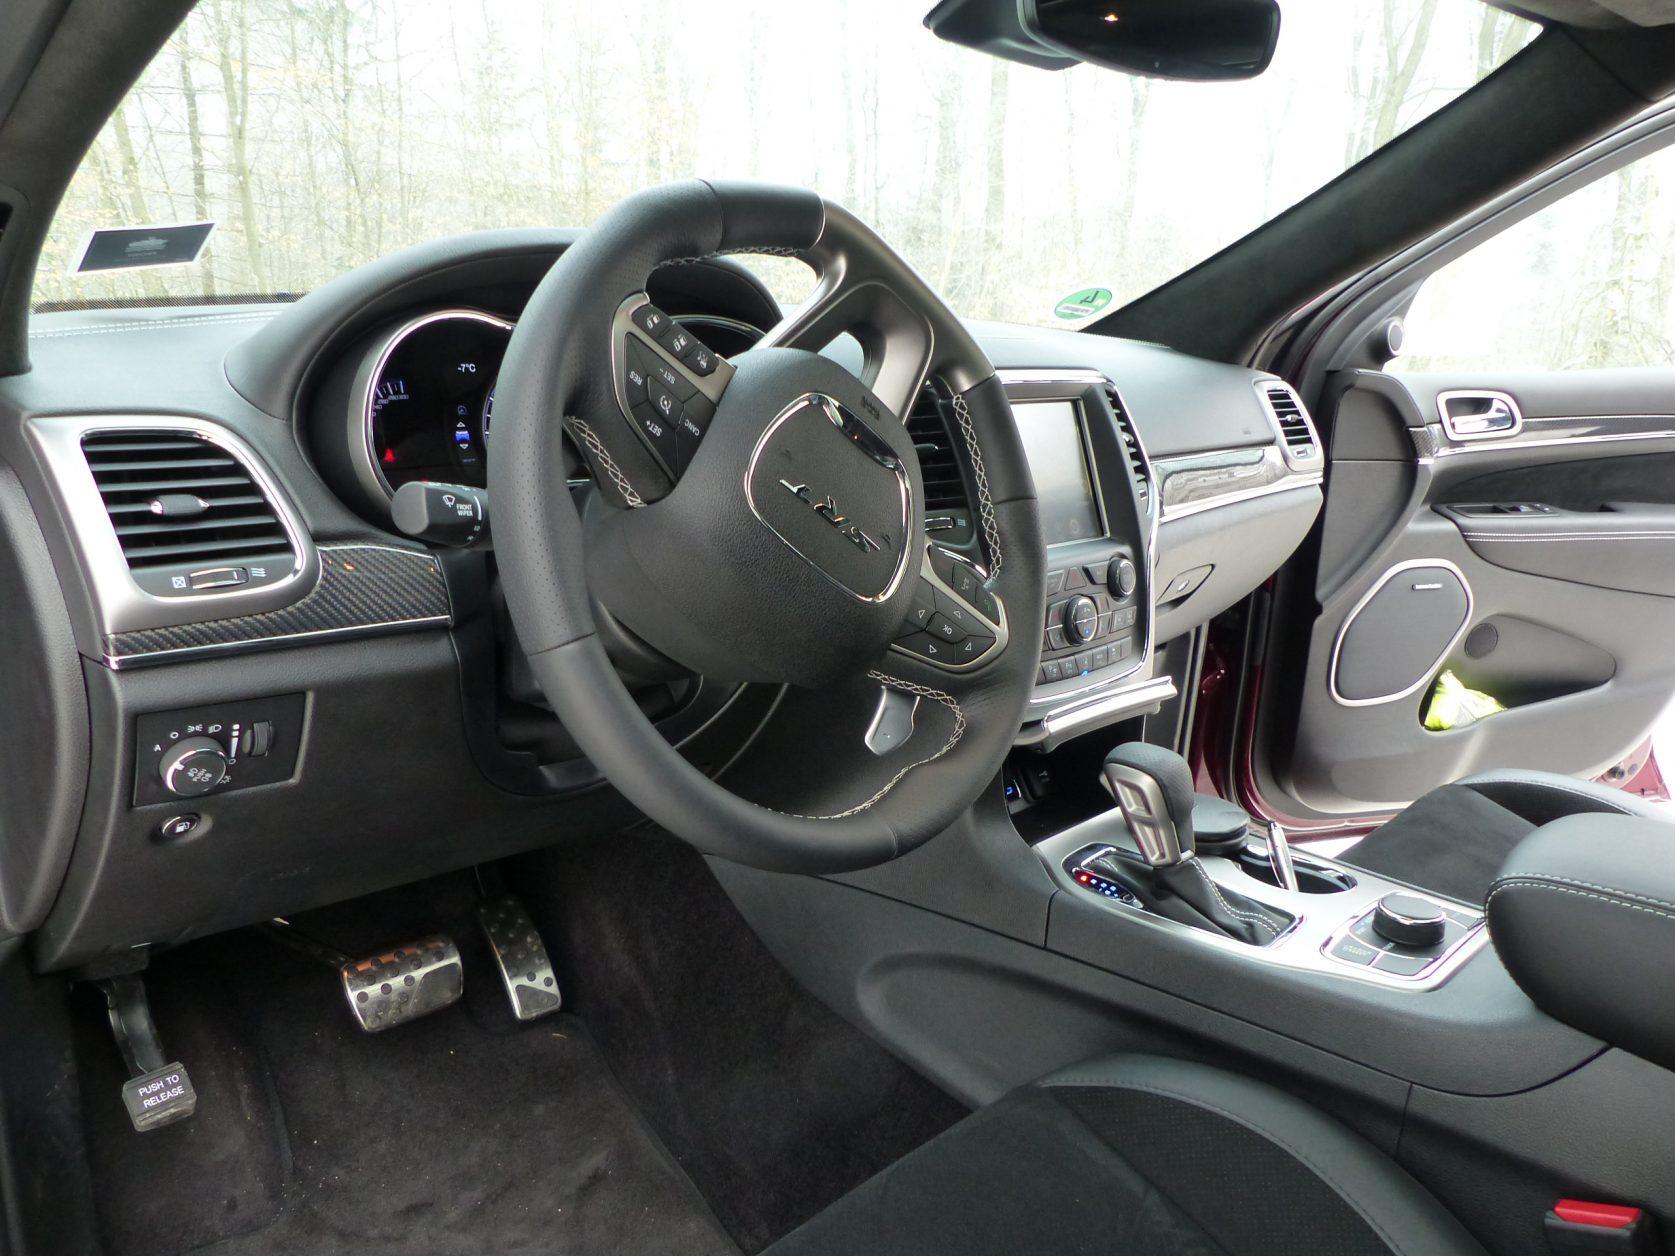 Passend zu einem Hochleistungs-SUV ist der Innenraum des Jeep Grand Cherokee SRT® betont sportlich vom Rennsport inspiriert. Foto: D.Weirauch